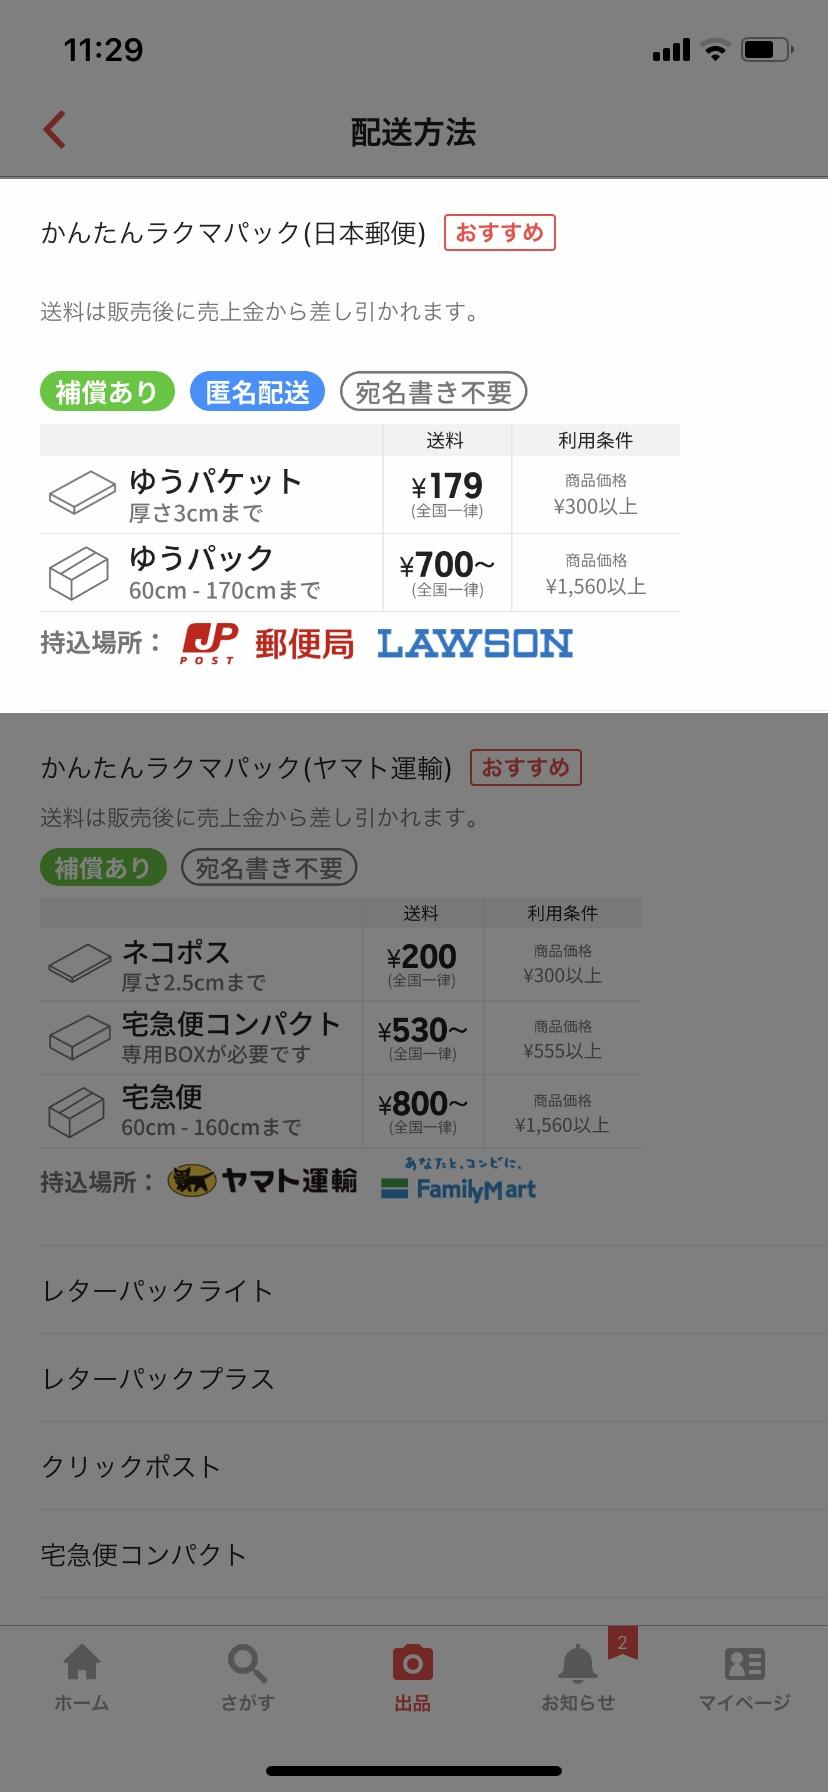 ラクマアプリで商品を出品する方法の画像付まとめ【2020年版】